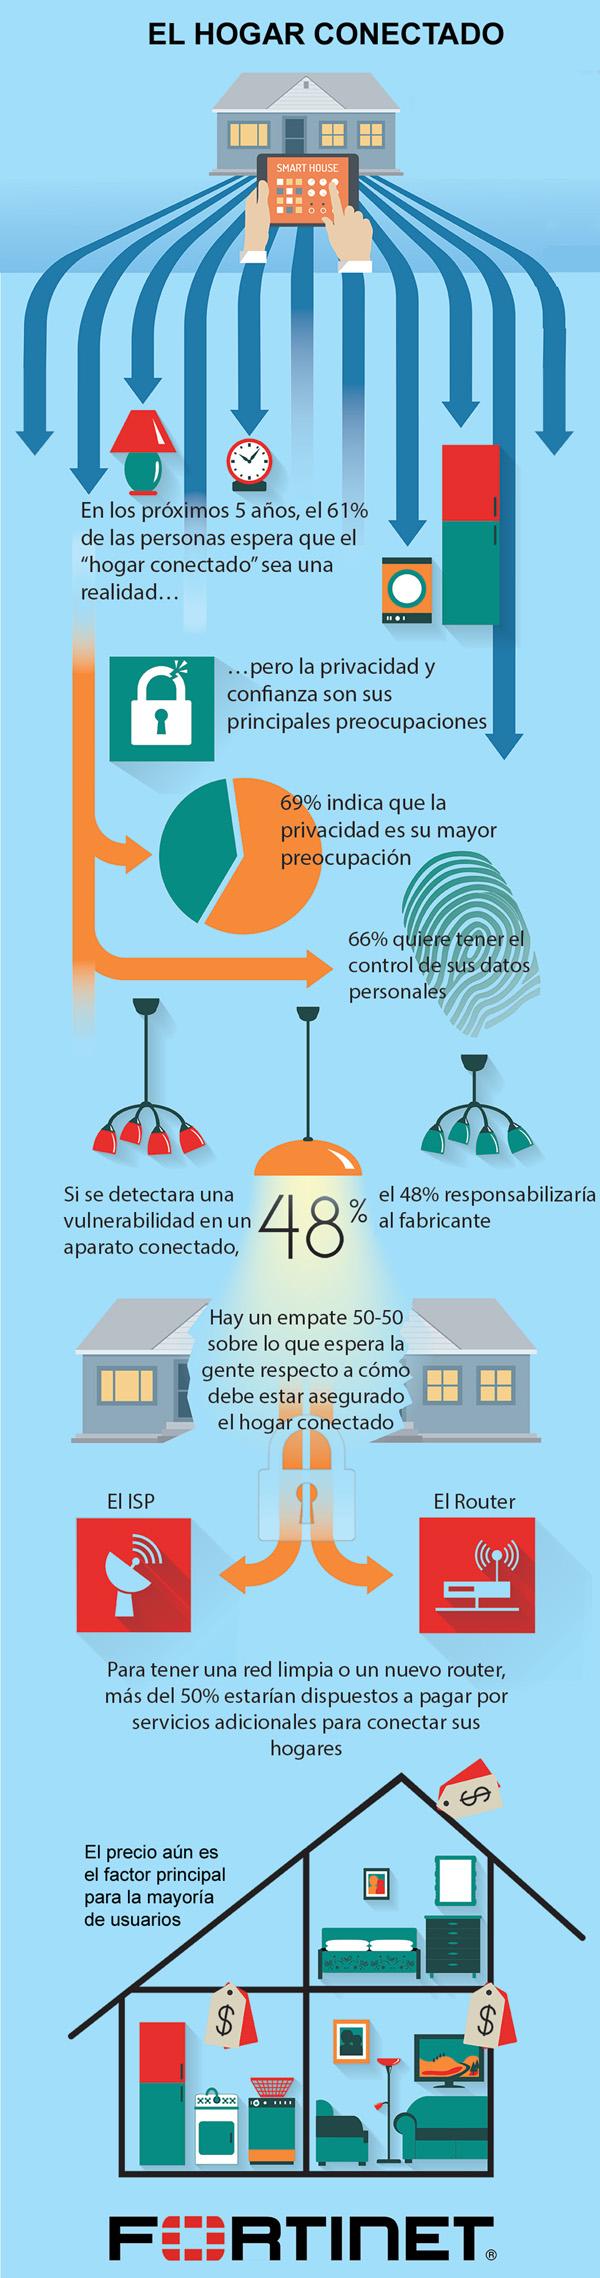 infografia hogar conectado